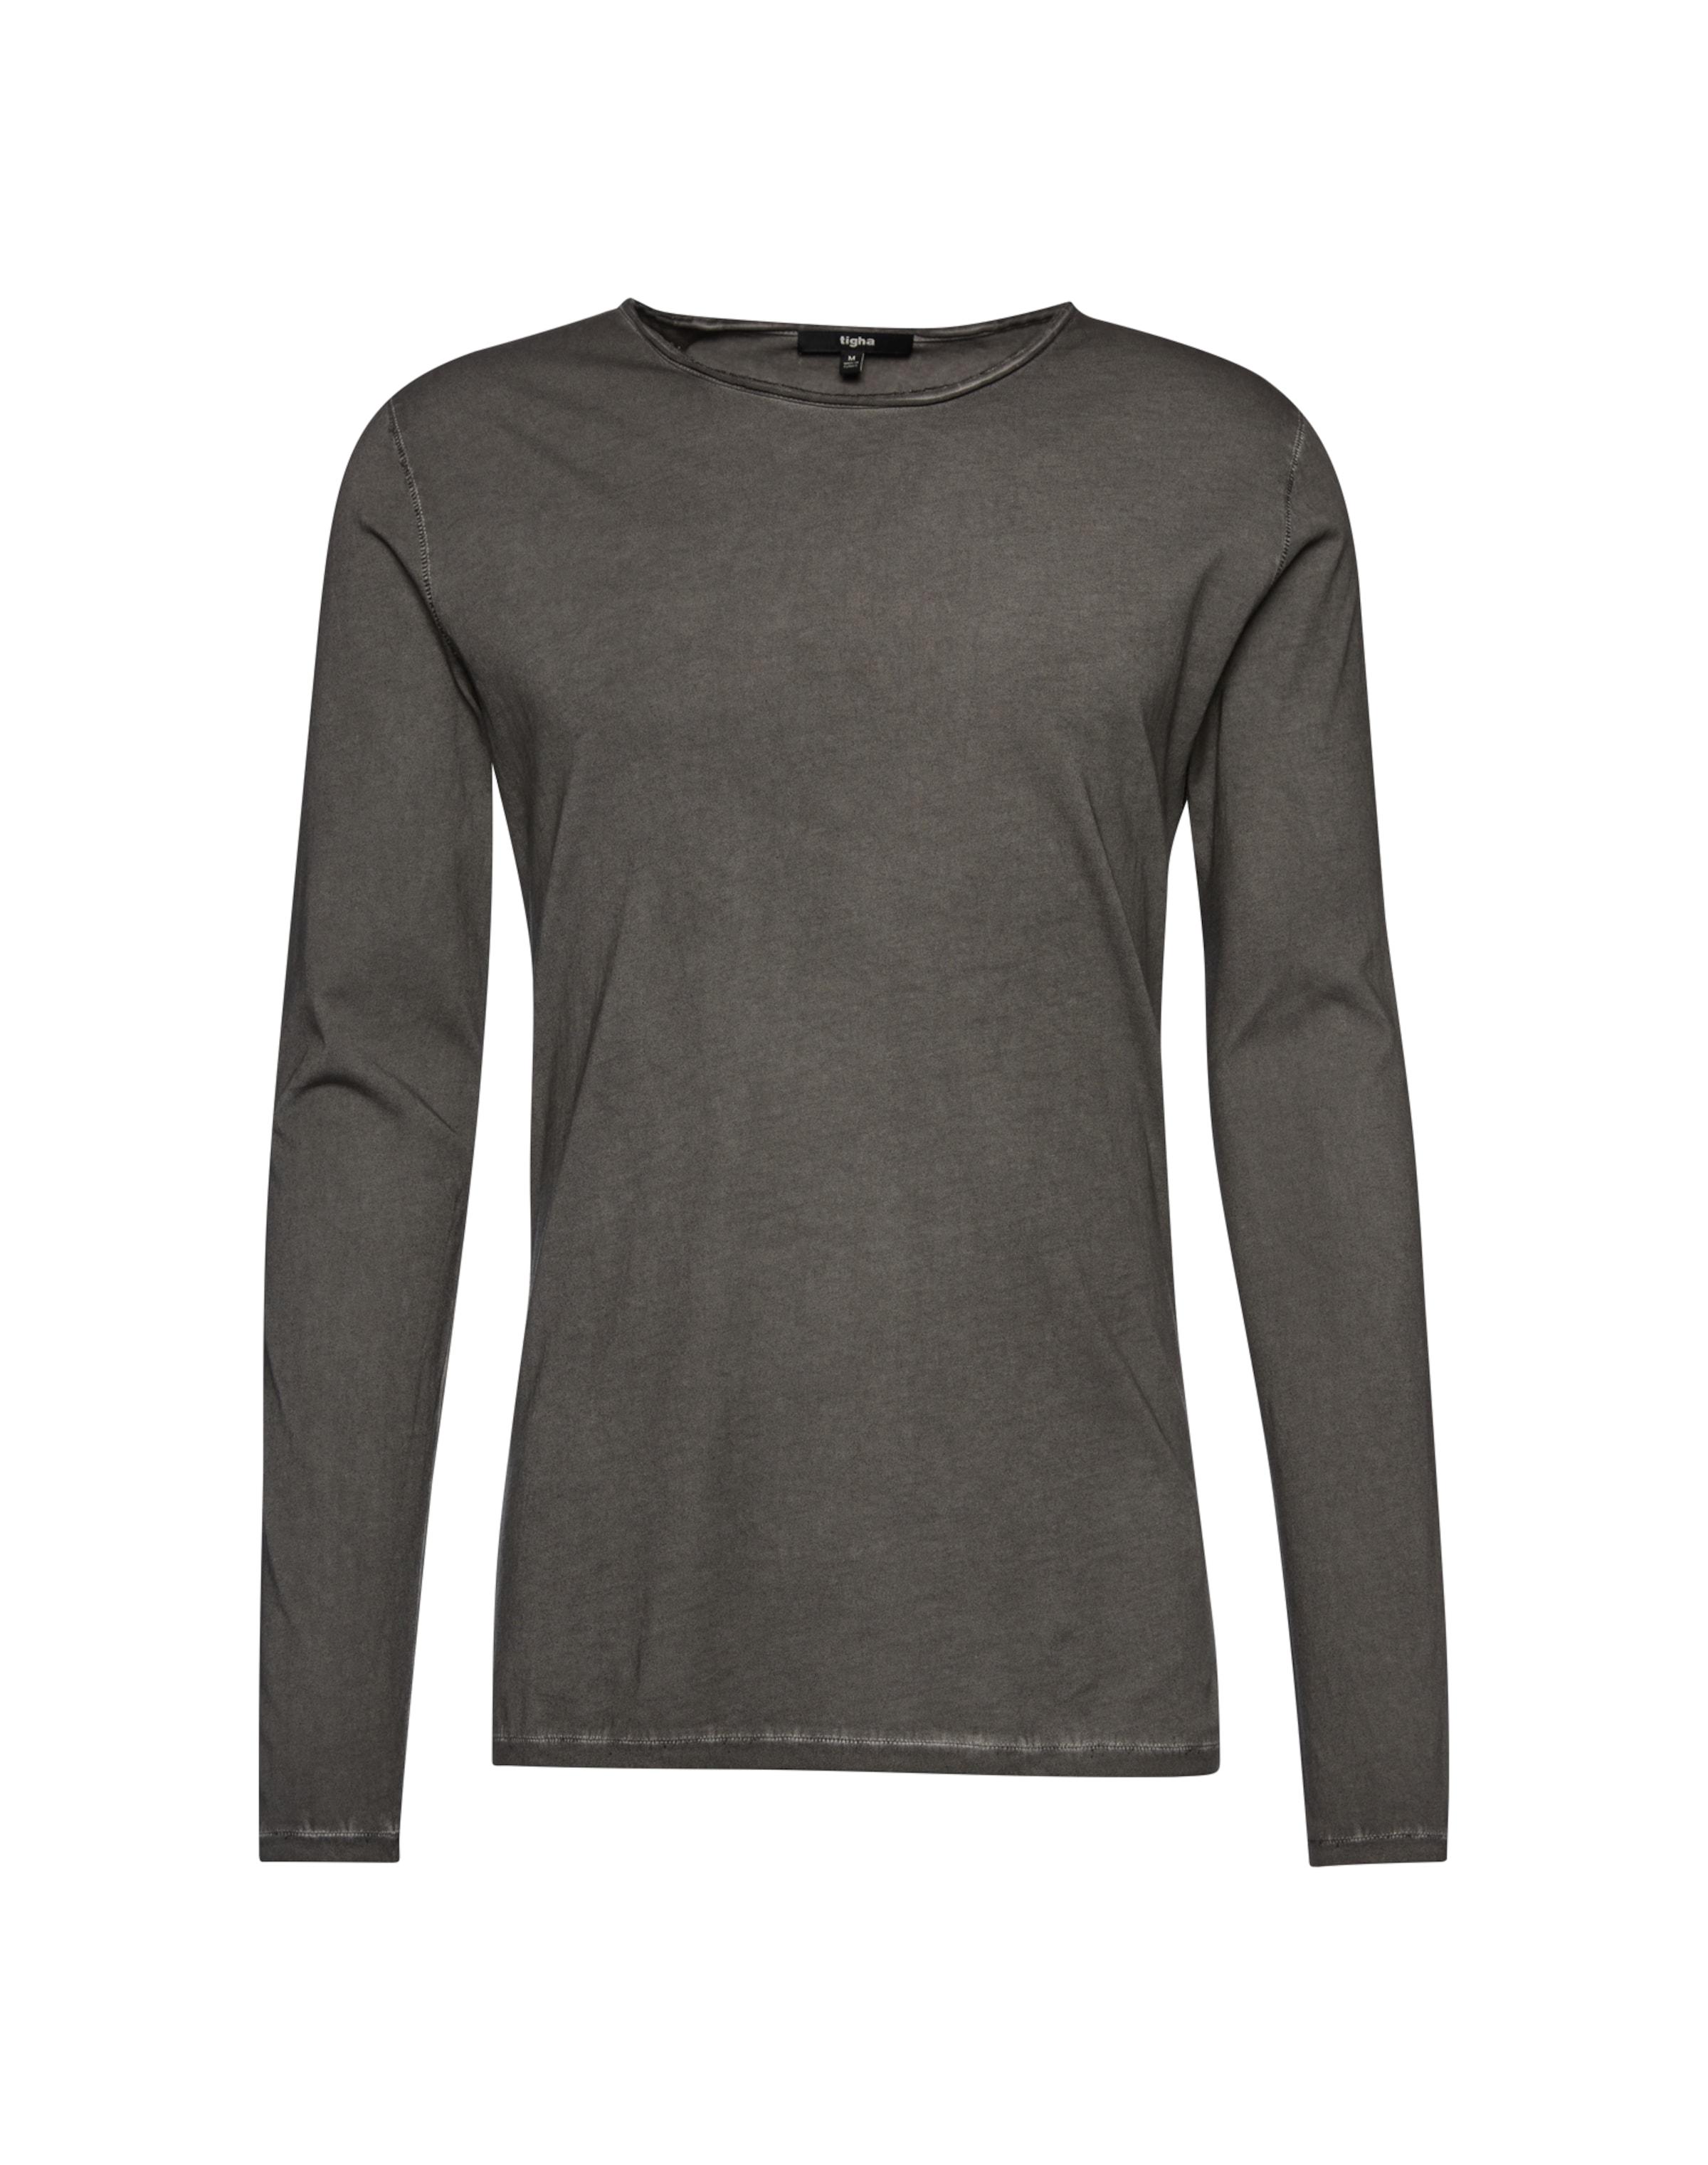 tigha Langarmshirt in Garment Dyed 'Kerin' Günstig Kaufen 2018 Neueste mVW0h